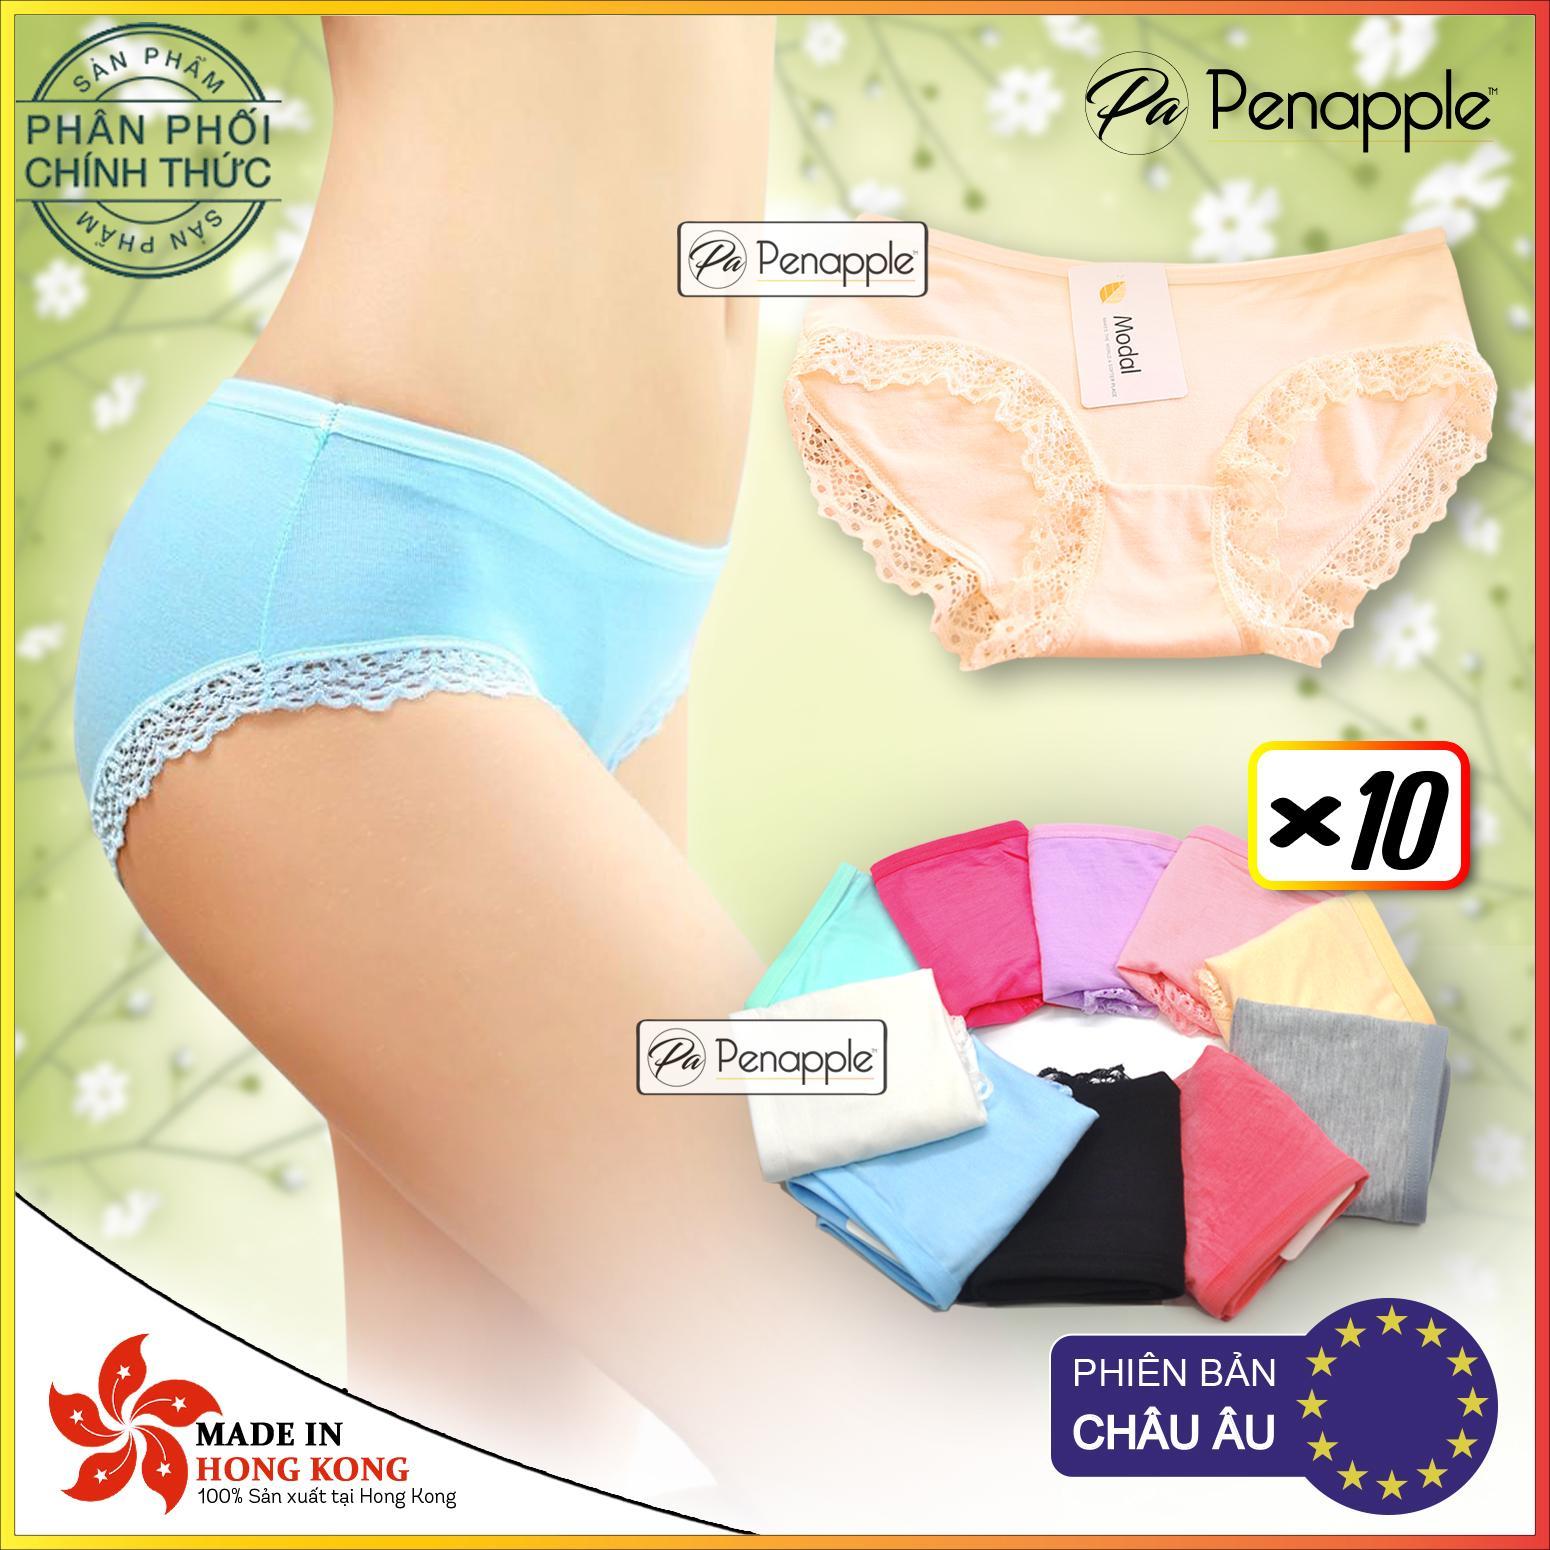 Combo Set 10 Panties 1 Bộ 10 Quần Lot Nữ Cotton Viền Ren Cao Cấp Thấm Hut Mat Mịn Sản Xuất Tại Hồng Kong Hang Phan Phối Chinh Thức Mới Nhất